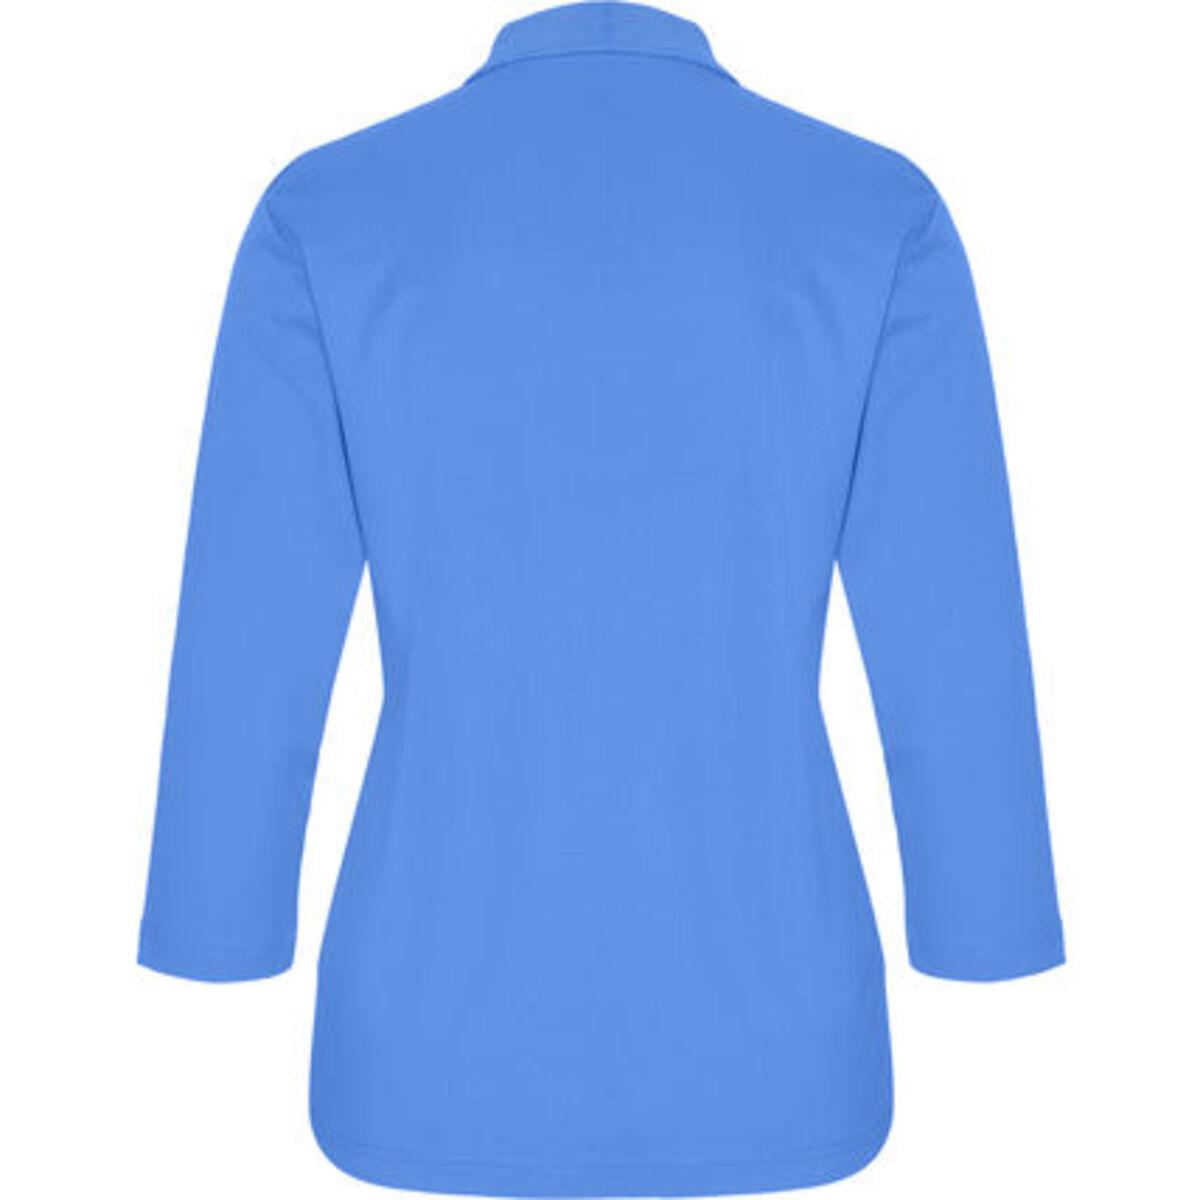 """Bild 2 von Adagio Poloshirt """"Tory"""", 3/4 Ärmel, Strass, Pima Cotton, für Damen"""